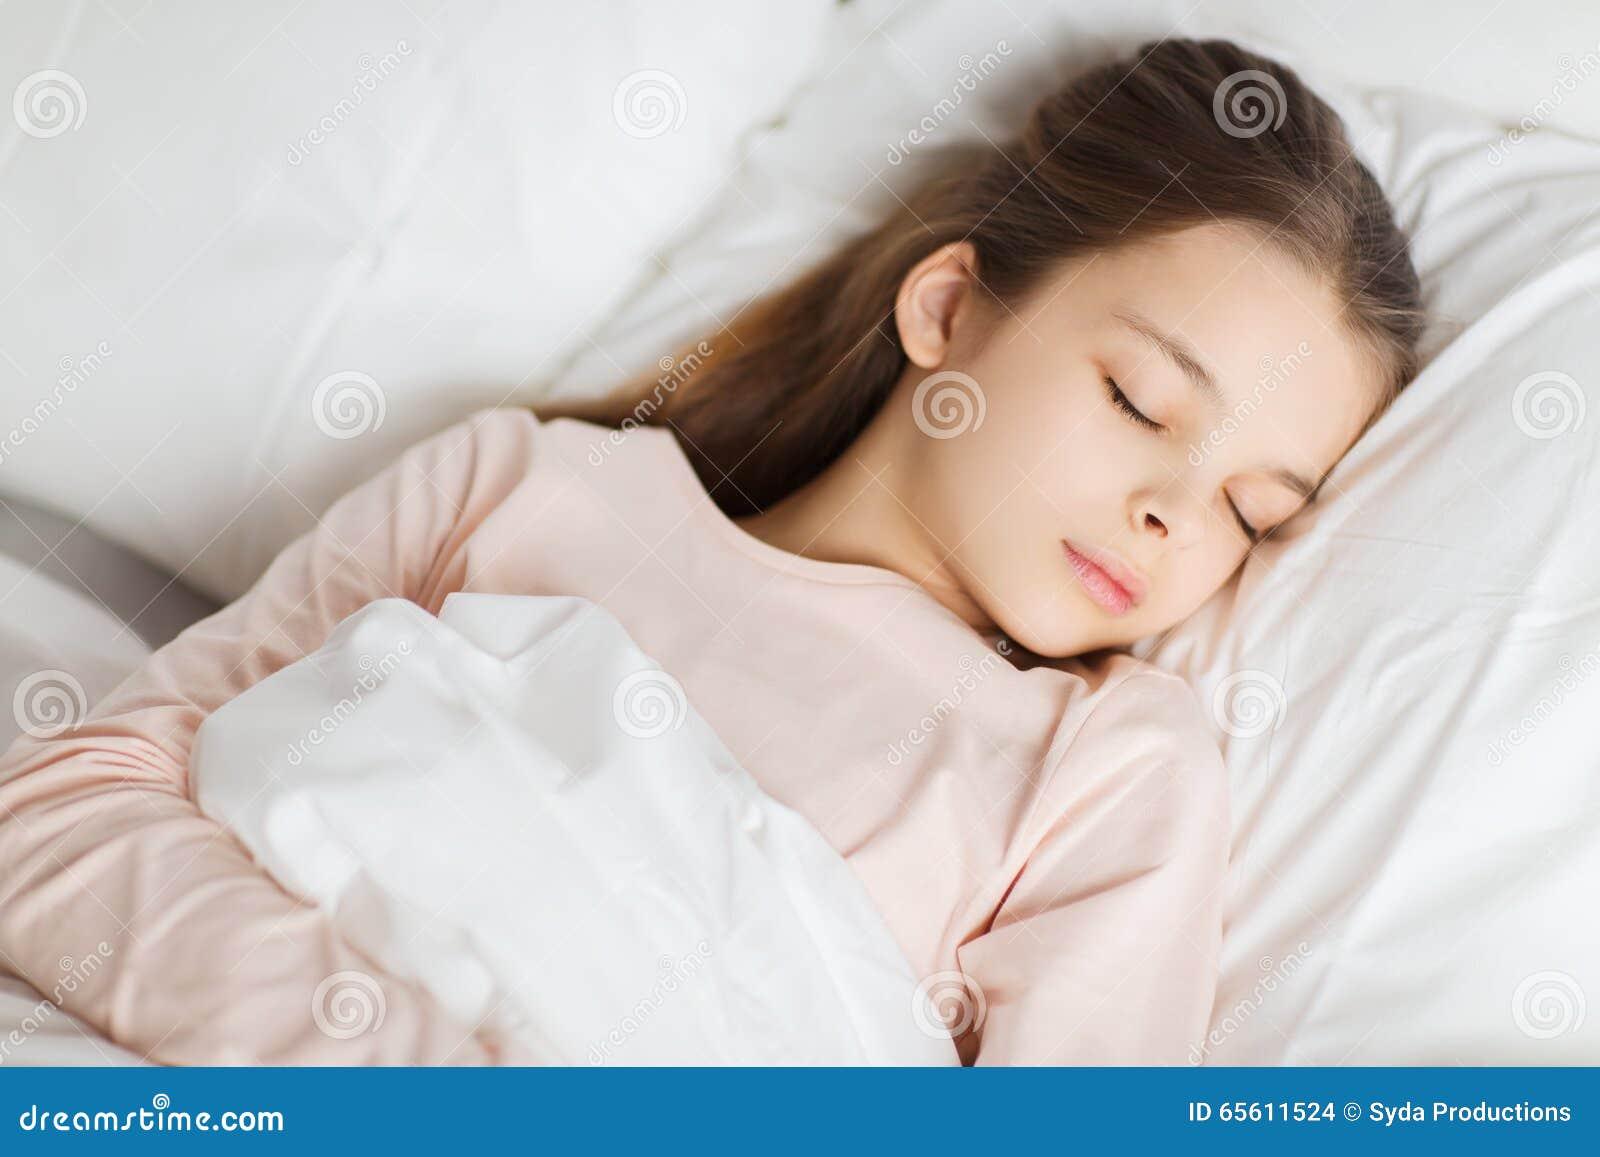 Teen Bedding And Sleeping 42